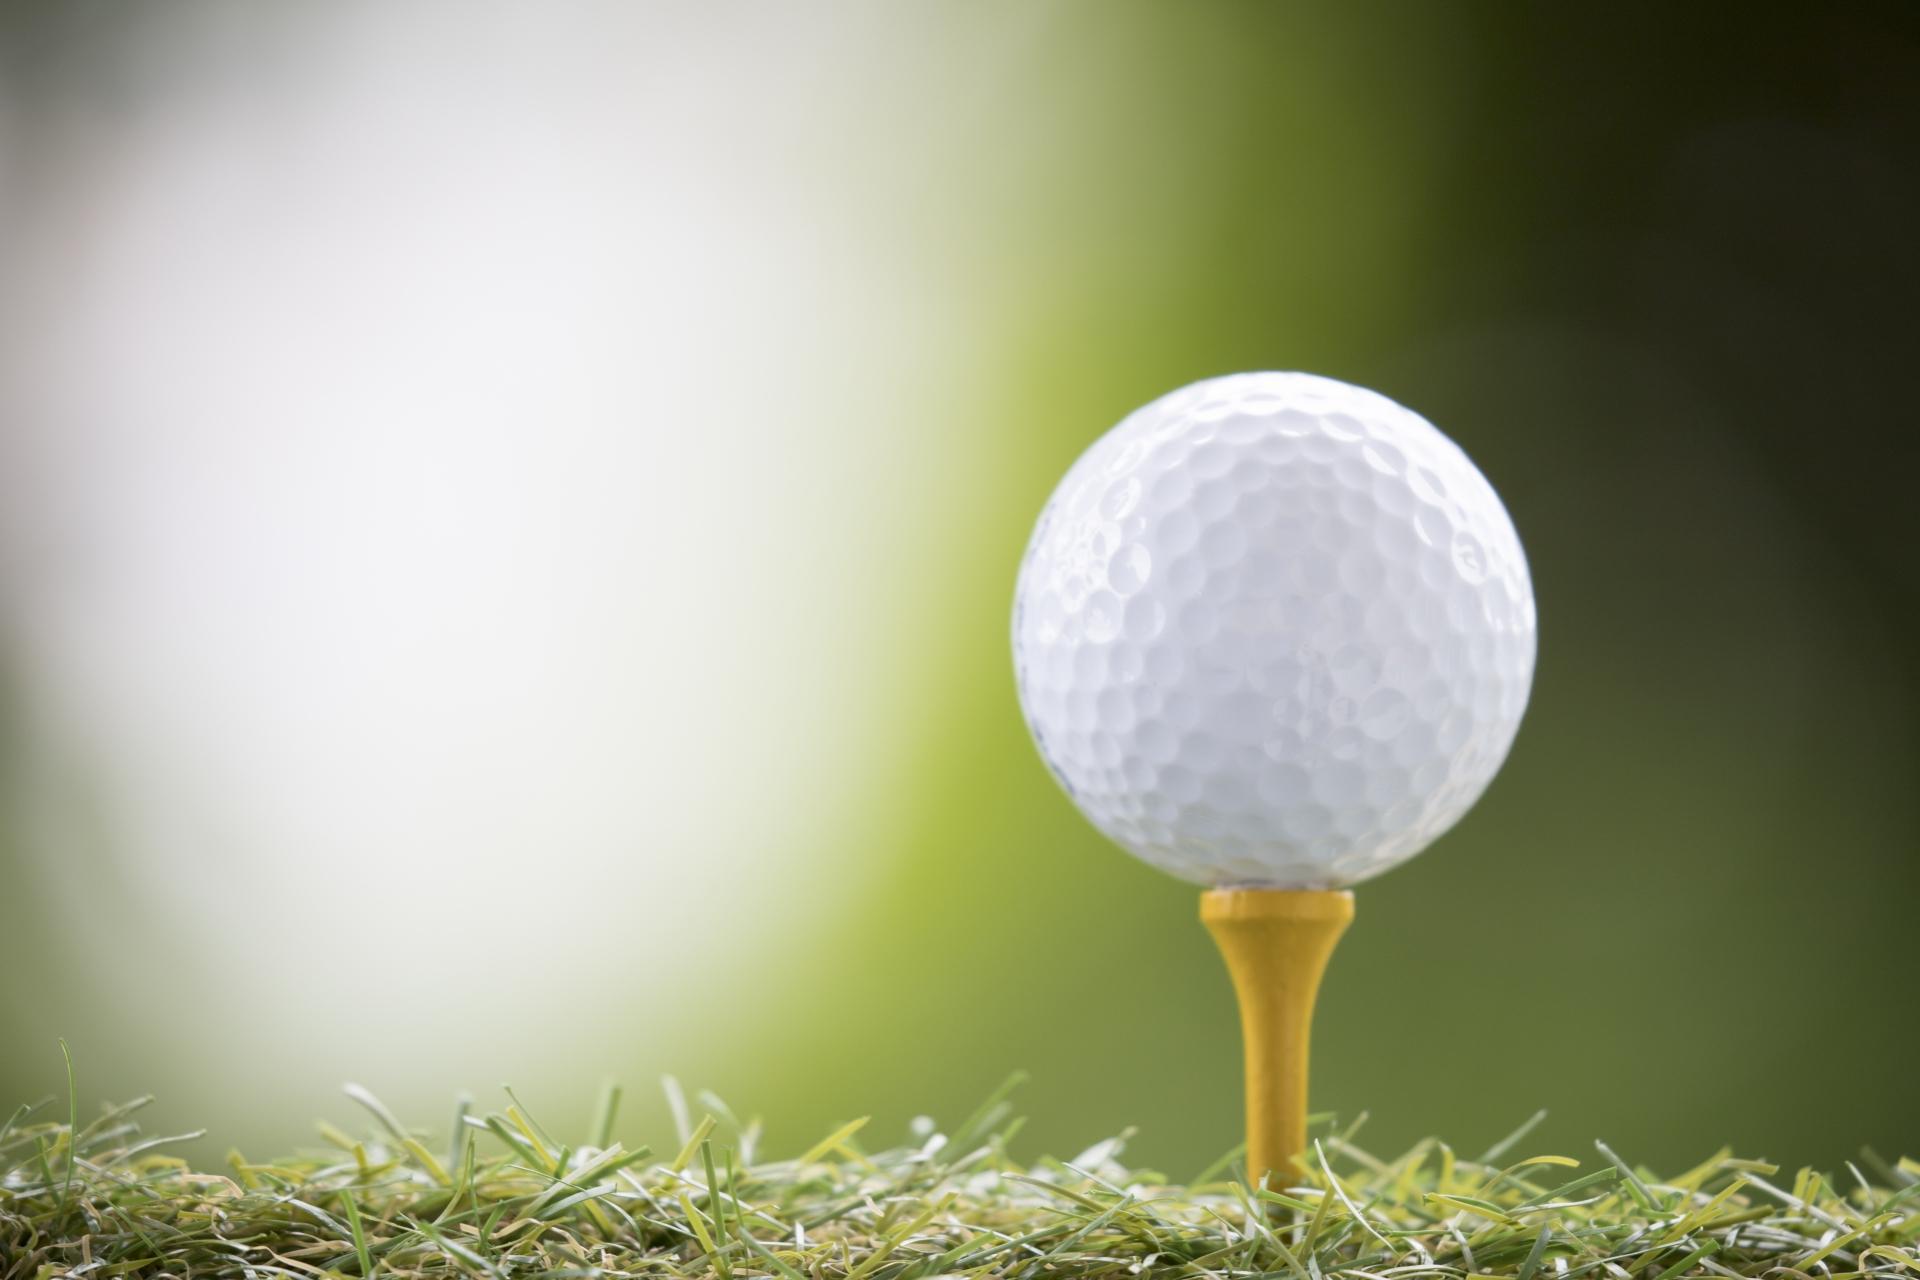 【ふるさと納税】ゴルフボールおすすめ人気ランキングTOP10!還元率も紹介!